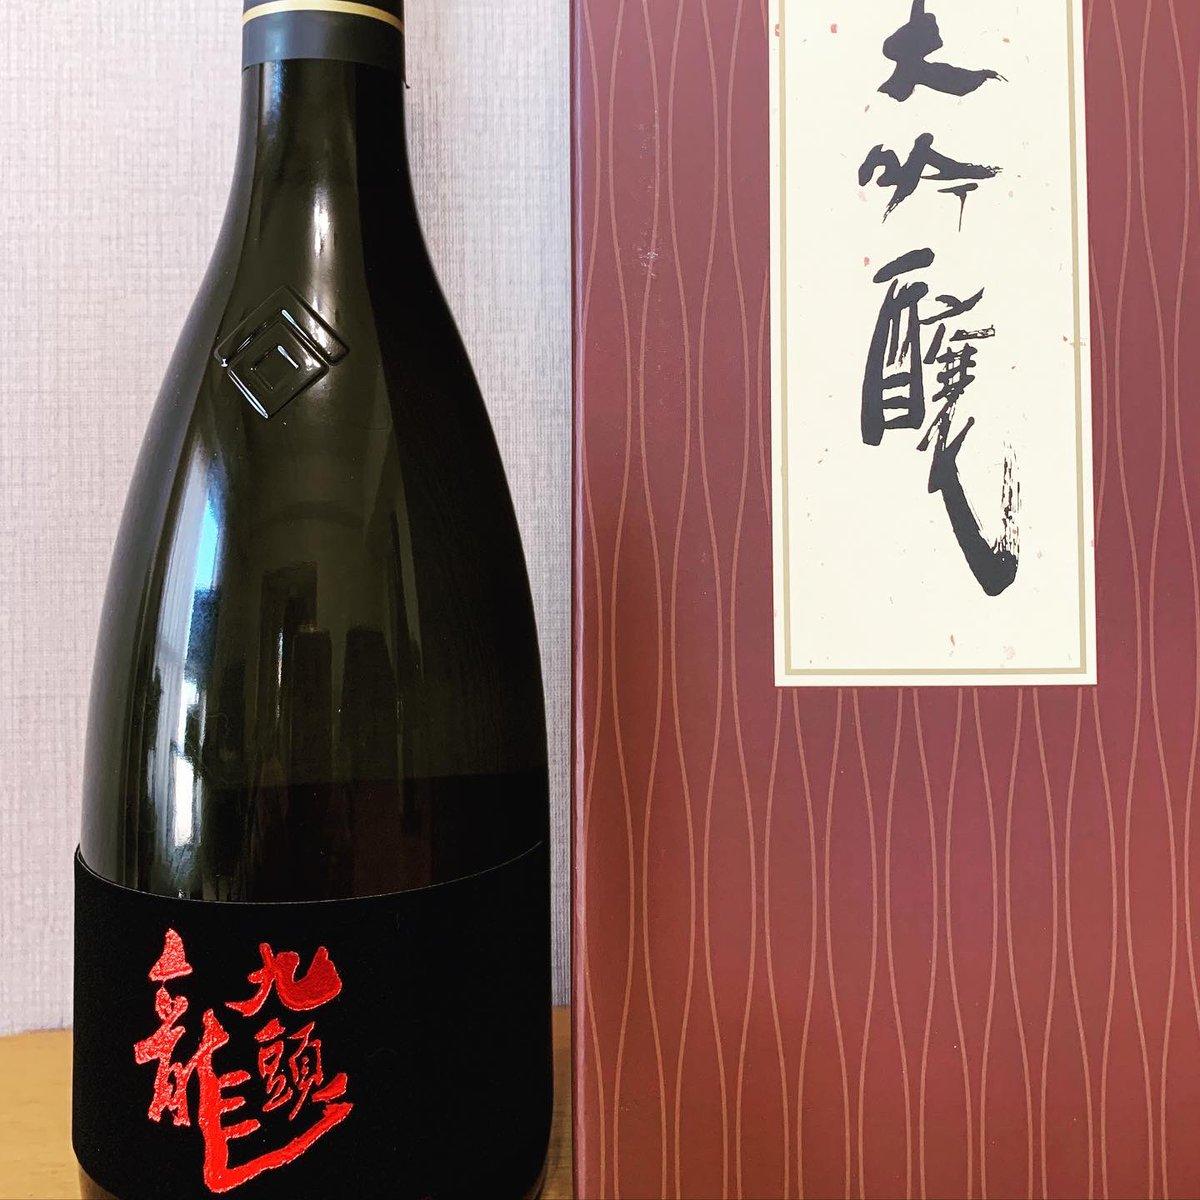 test ツイッターメディア - いつもの岐阜にある渡辺屋さんから希少価値の日本酒を送ってもらった。(宮城)宮寒梅EXTRACLASS純大吟至粋、(愛知)蓬莱泉 空、(福島)寫楽純米大吟しずく取り、(奈良)風の森アルファTYPE5、(福井)黒龍 九頭龍、黒龍純吟三十八号。 #日本酒 #宮寒梅 #風の森alpha #黒龍 #寫楽 #蓬莱泉 #黒龍 https://t.co/IhI8Y4USFl